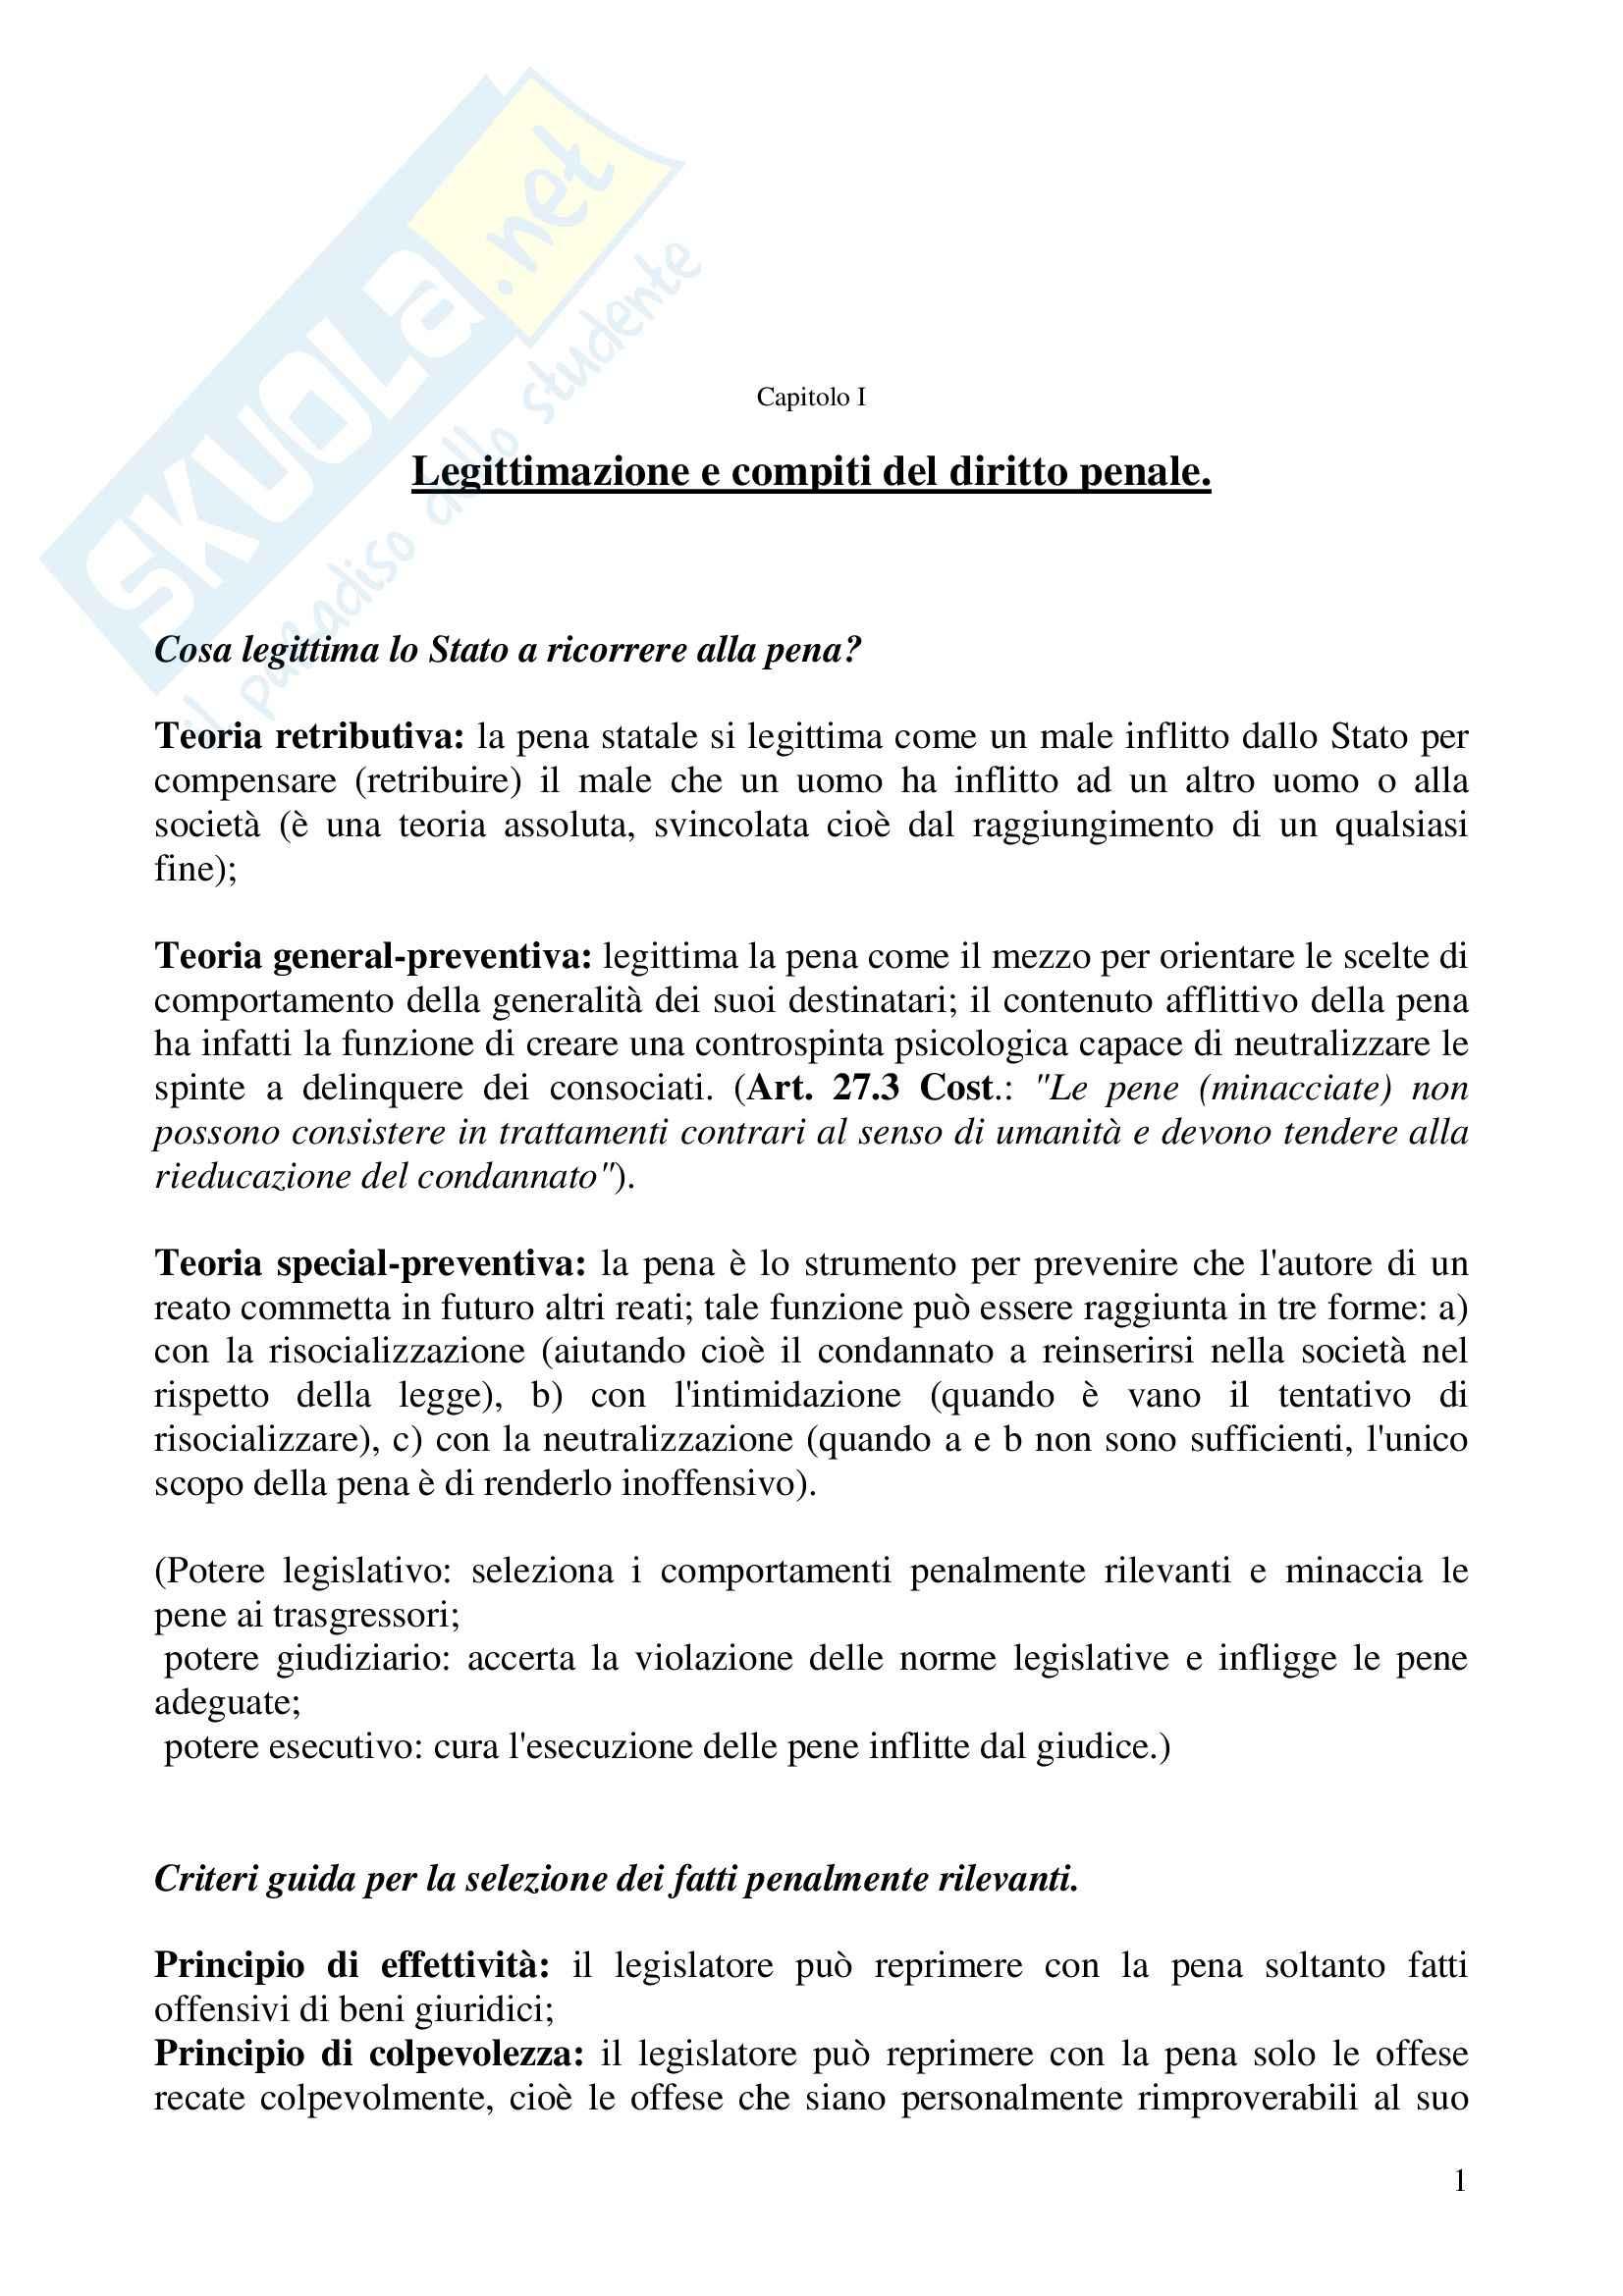 Riassunto esame Diritto penale, prof. Mucciarelli, libro consigliato Manuale di diritto penale, Marinucci, Dolcini